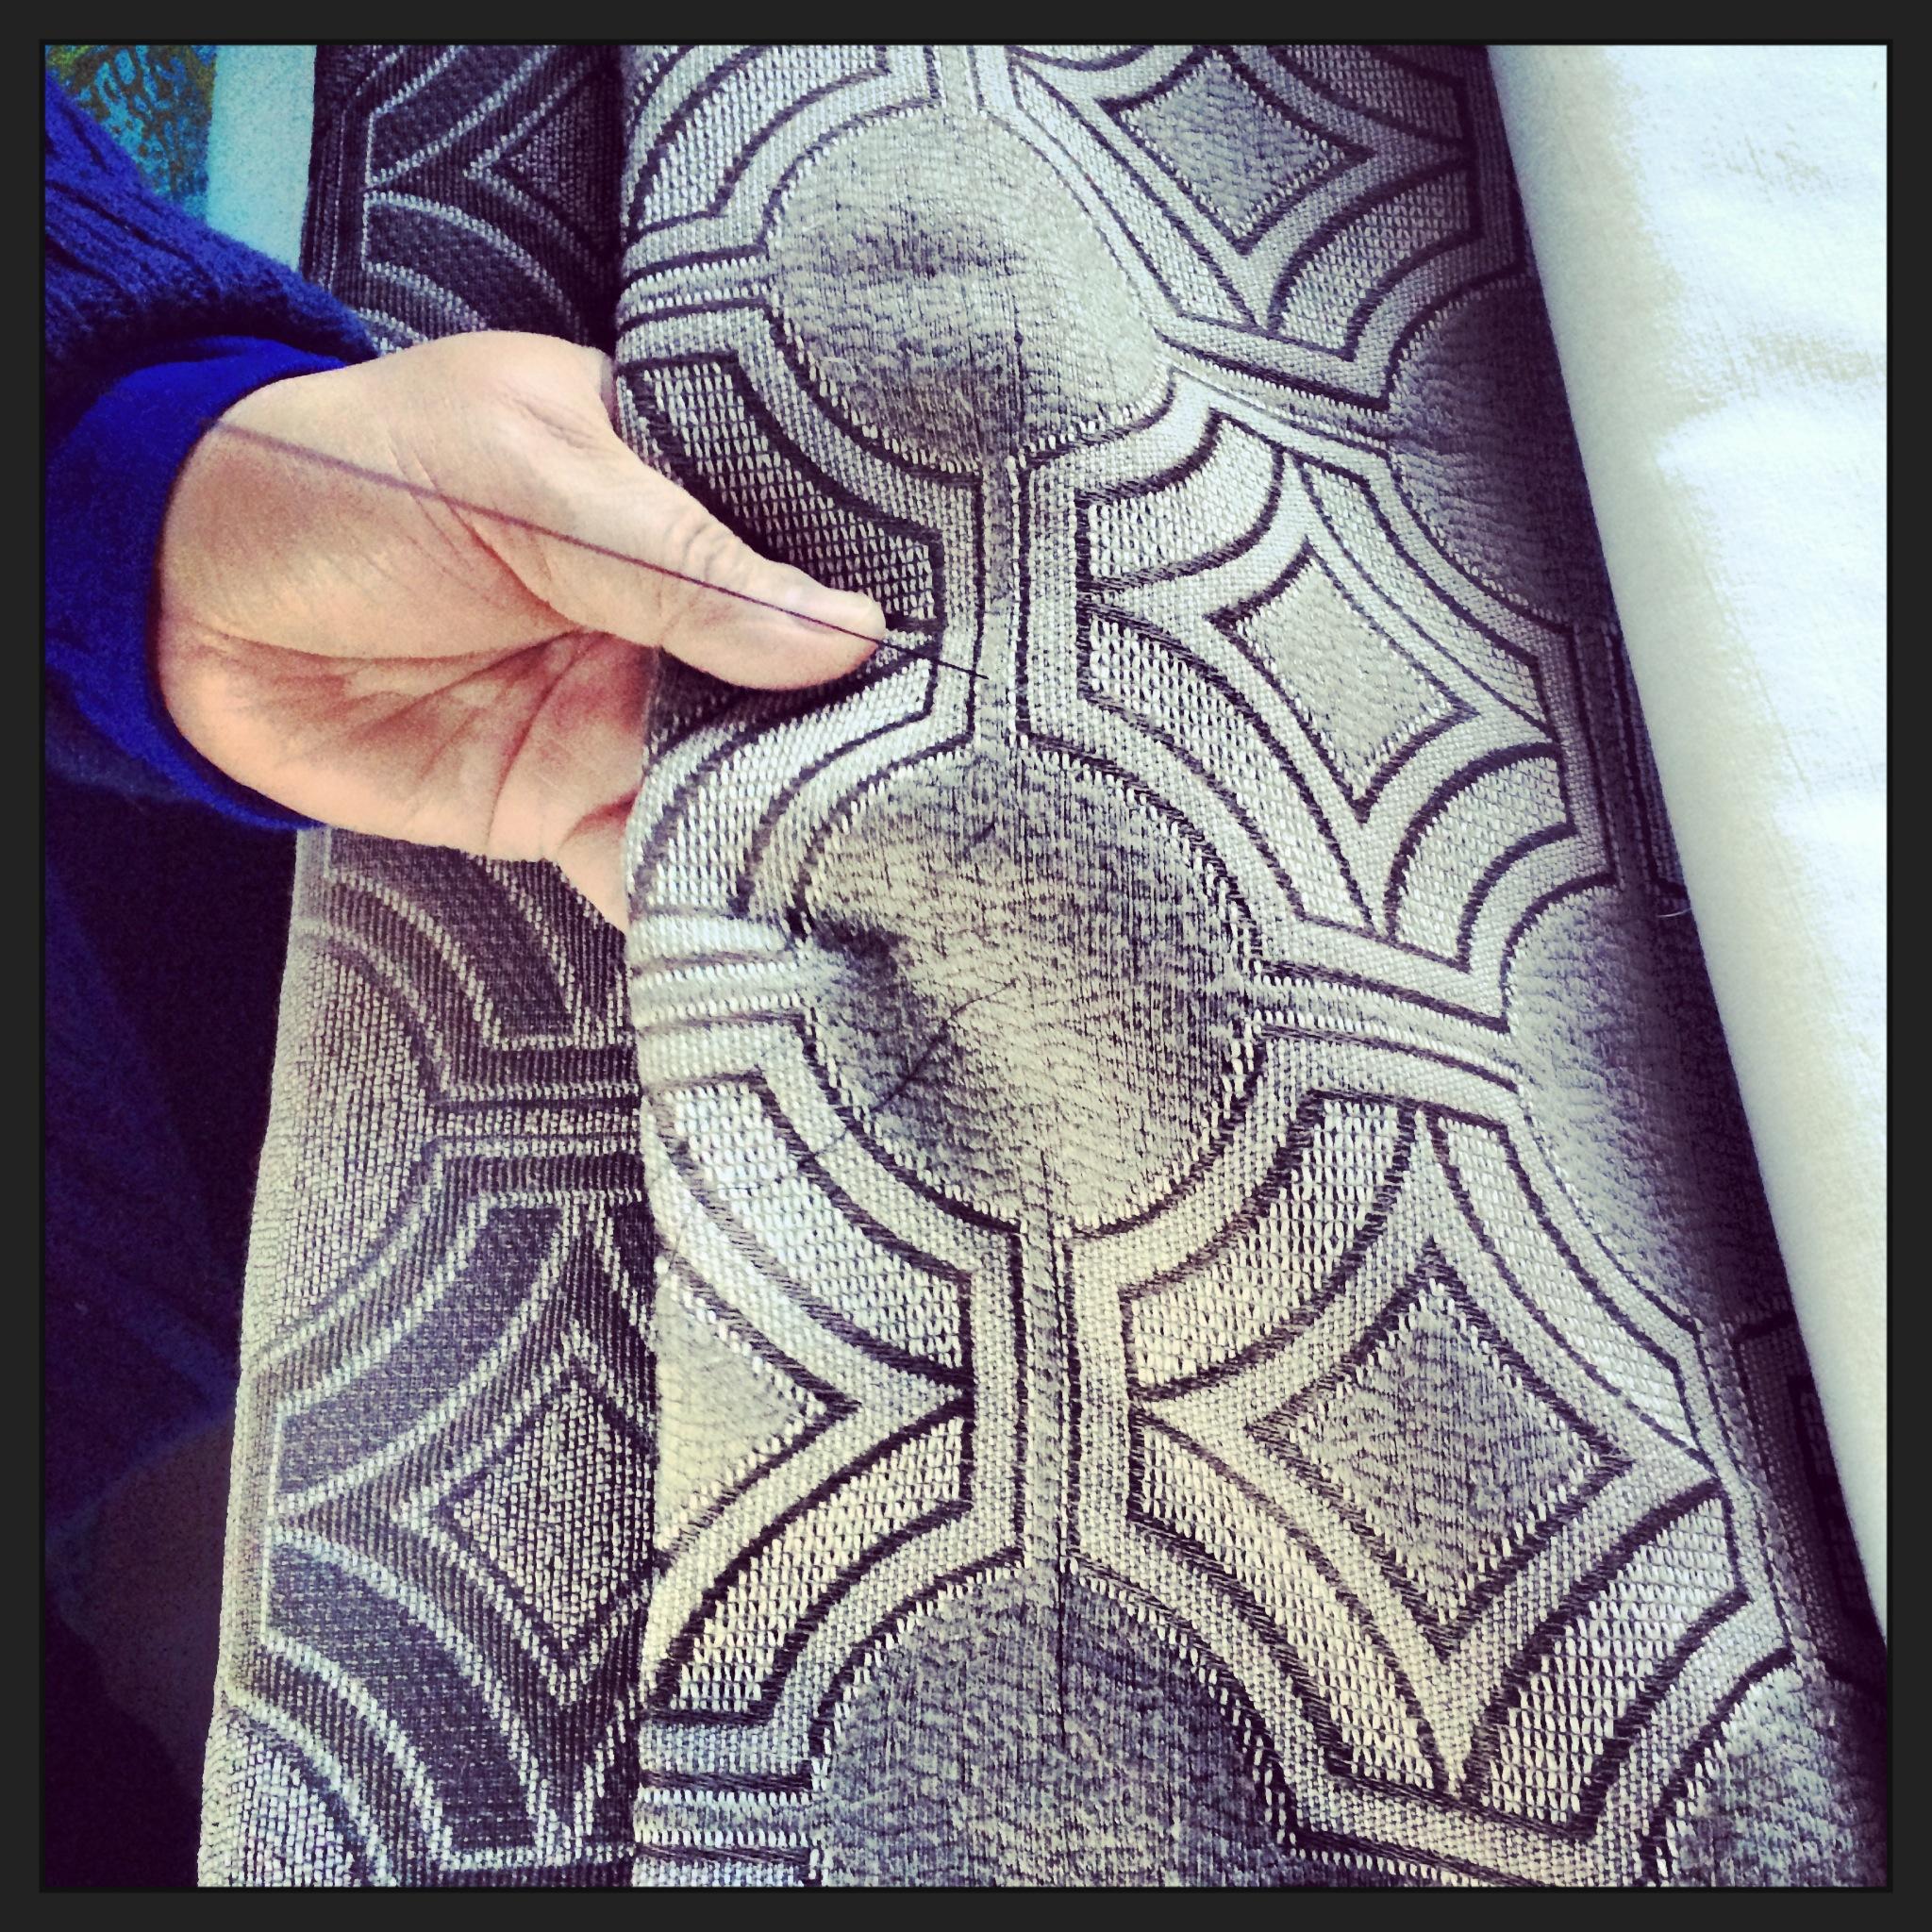 fabric-curtains-asimplerdesign